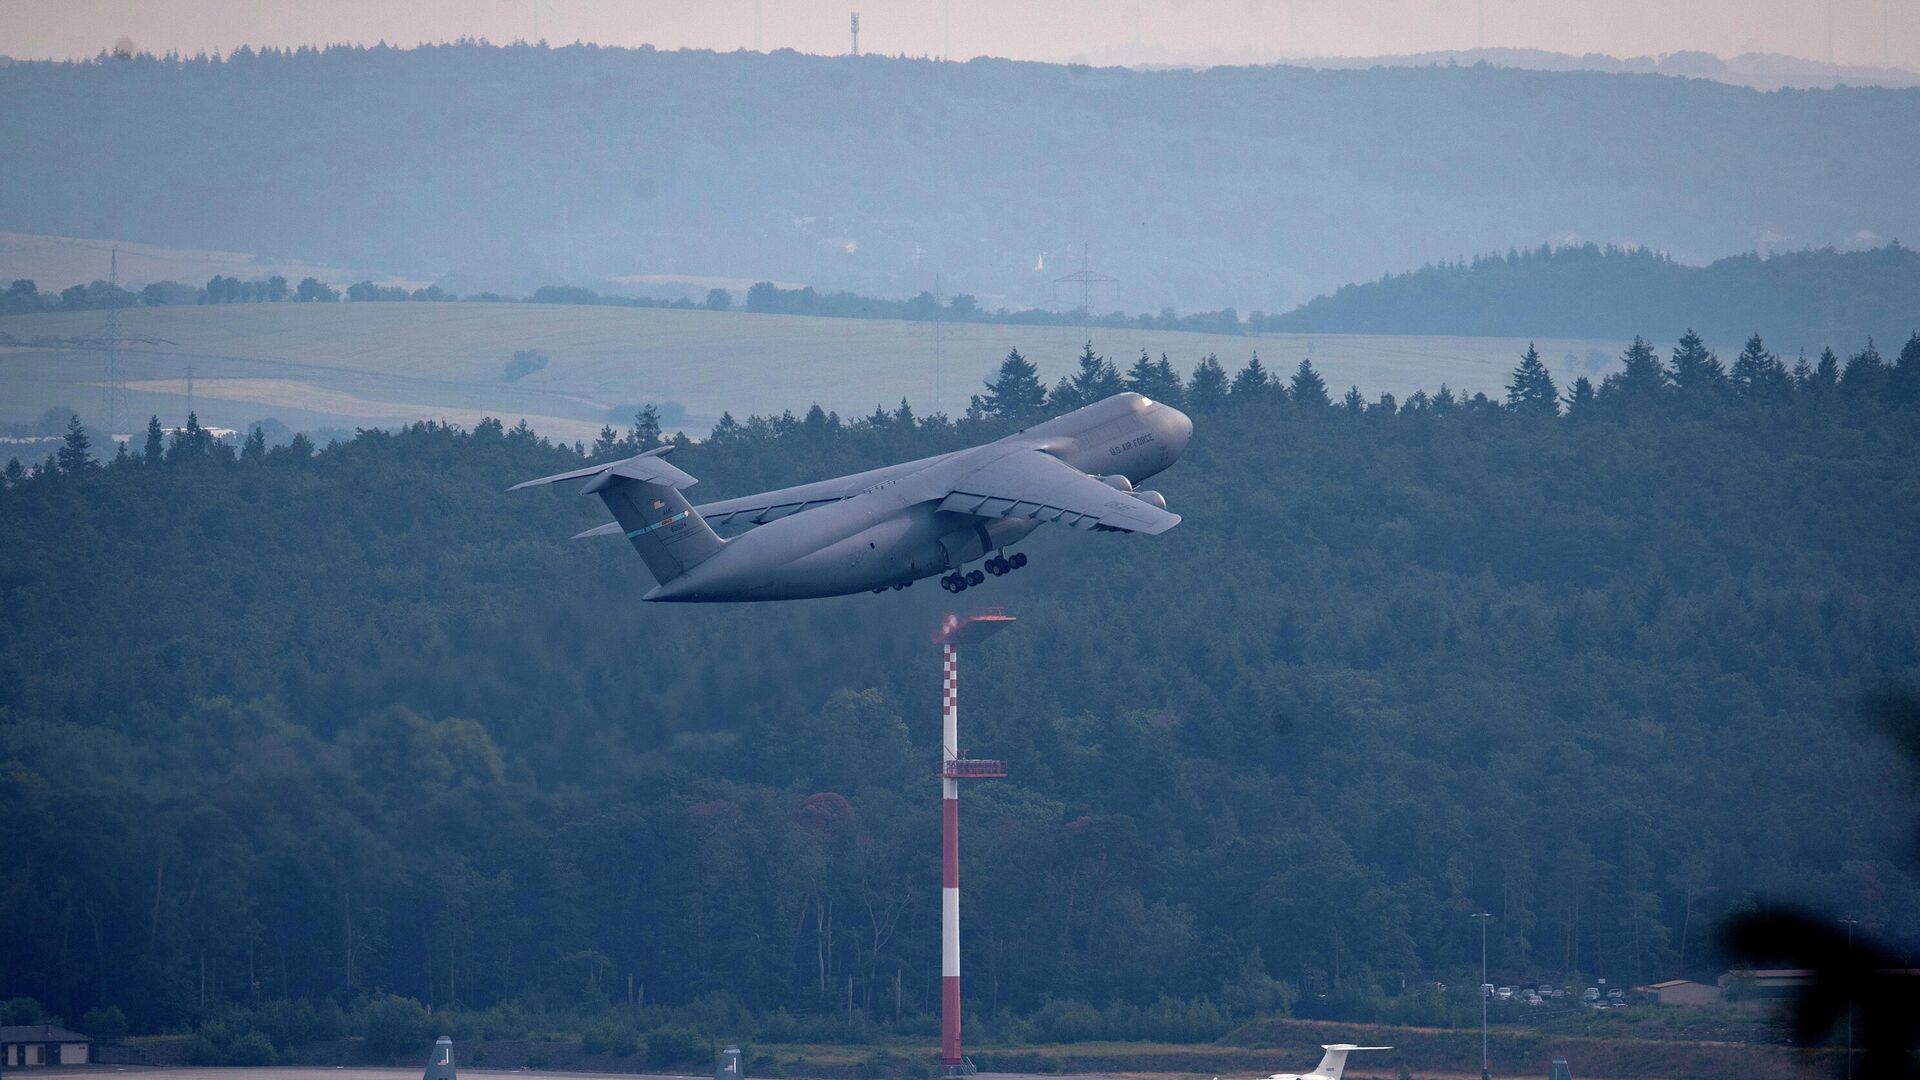 Die Ramstein Air Base, ein Militärflugplatz der US-Luftwaffe in Deutschland  - SNA, 1920, 13.05.2021